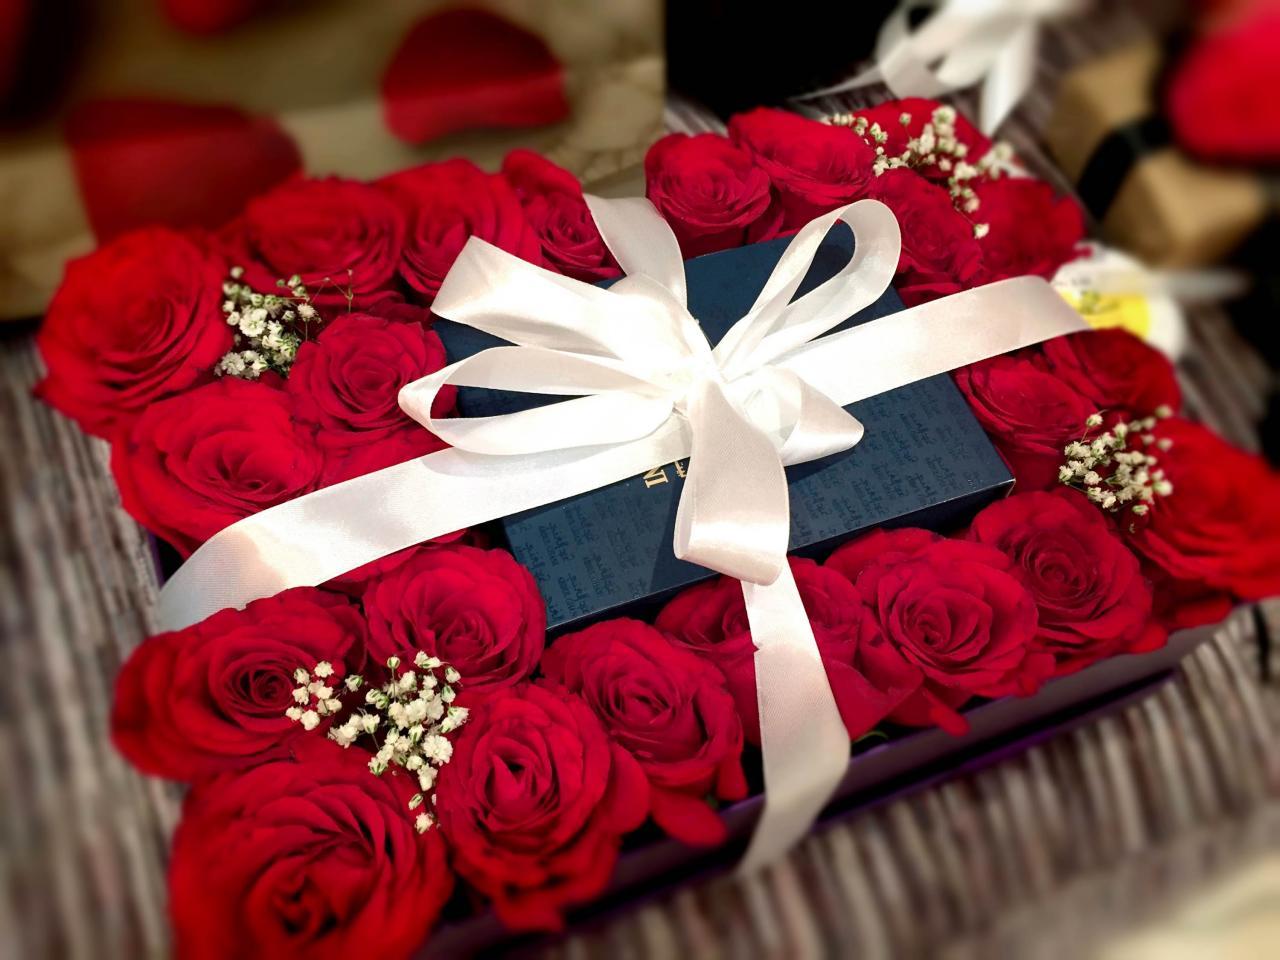 صورة هدية عيد ميلاد 11832 2